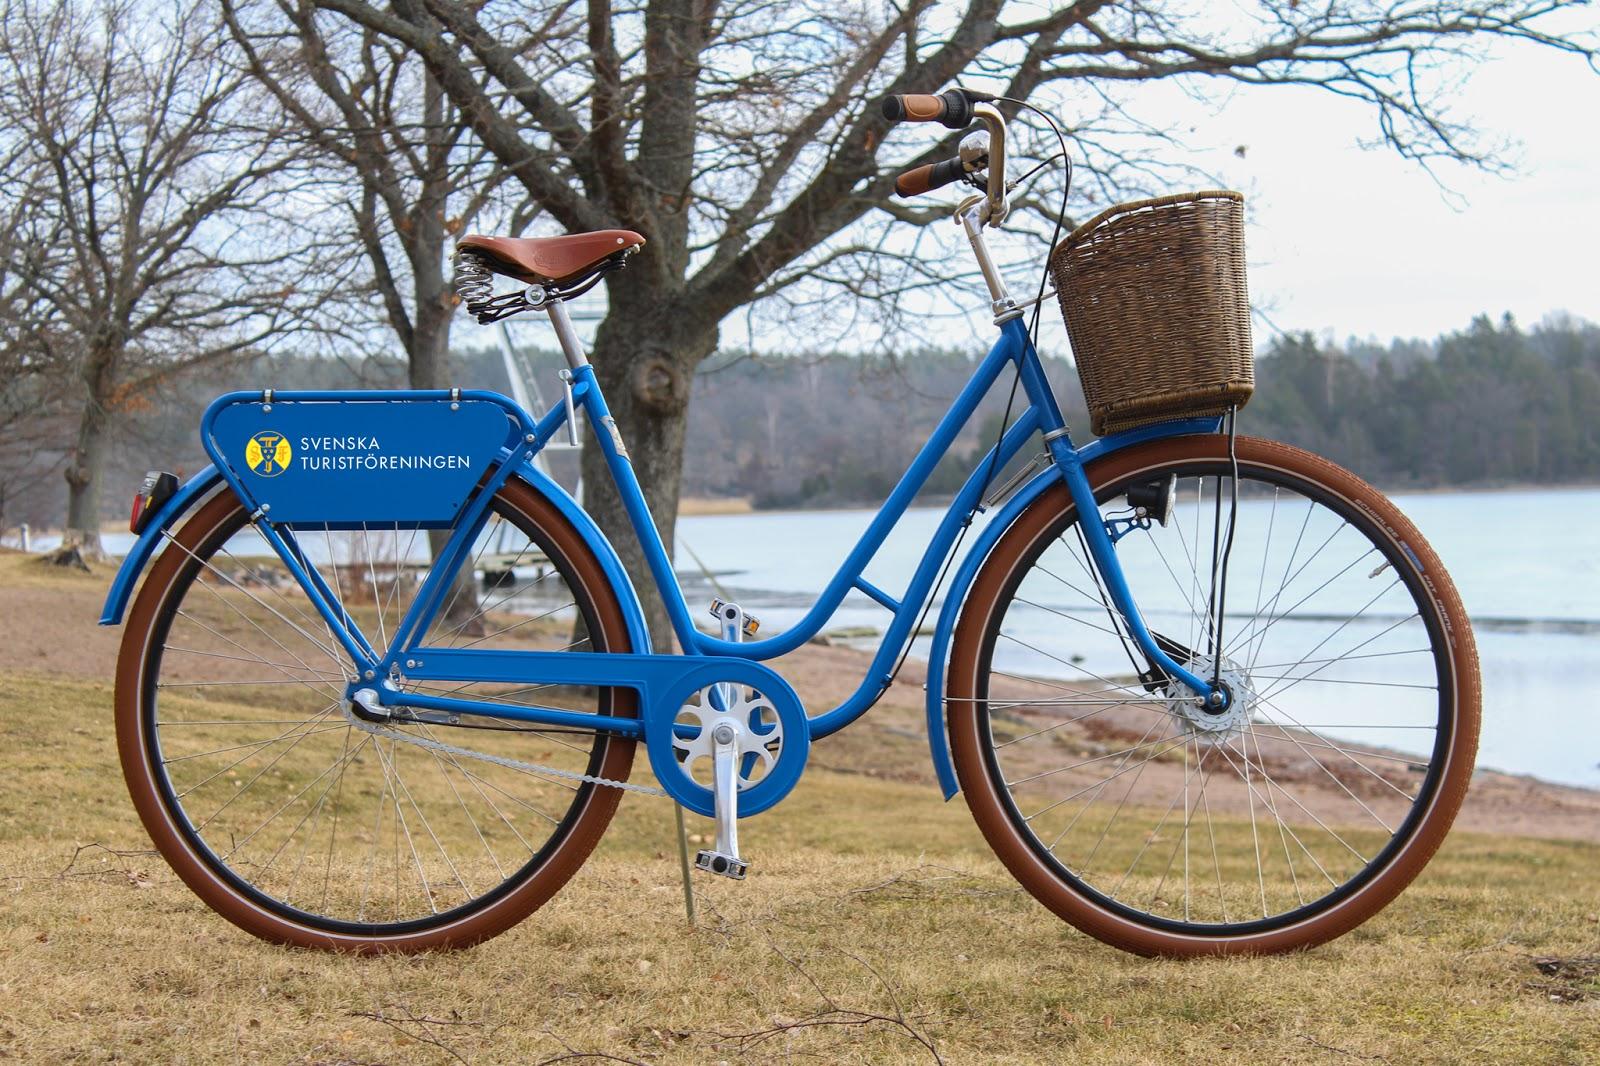 Pilen Lyx Special dam företagscykel för STF.